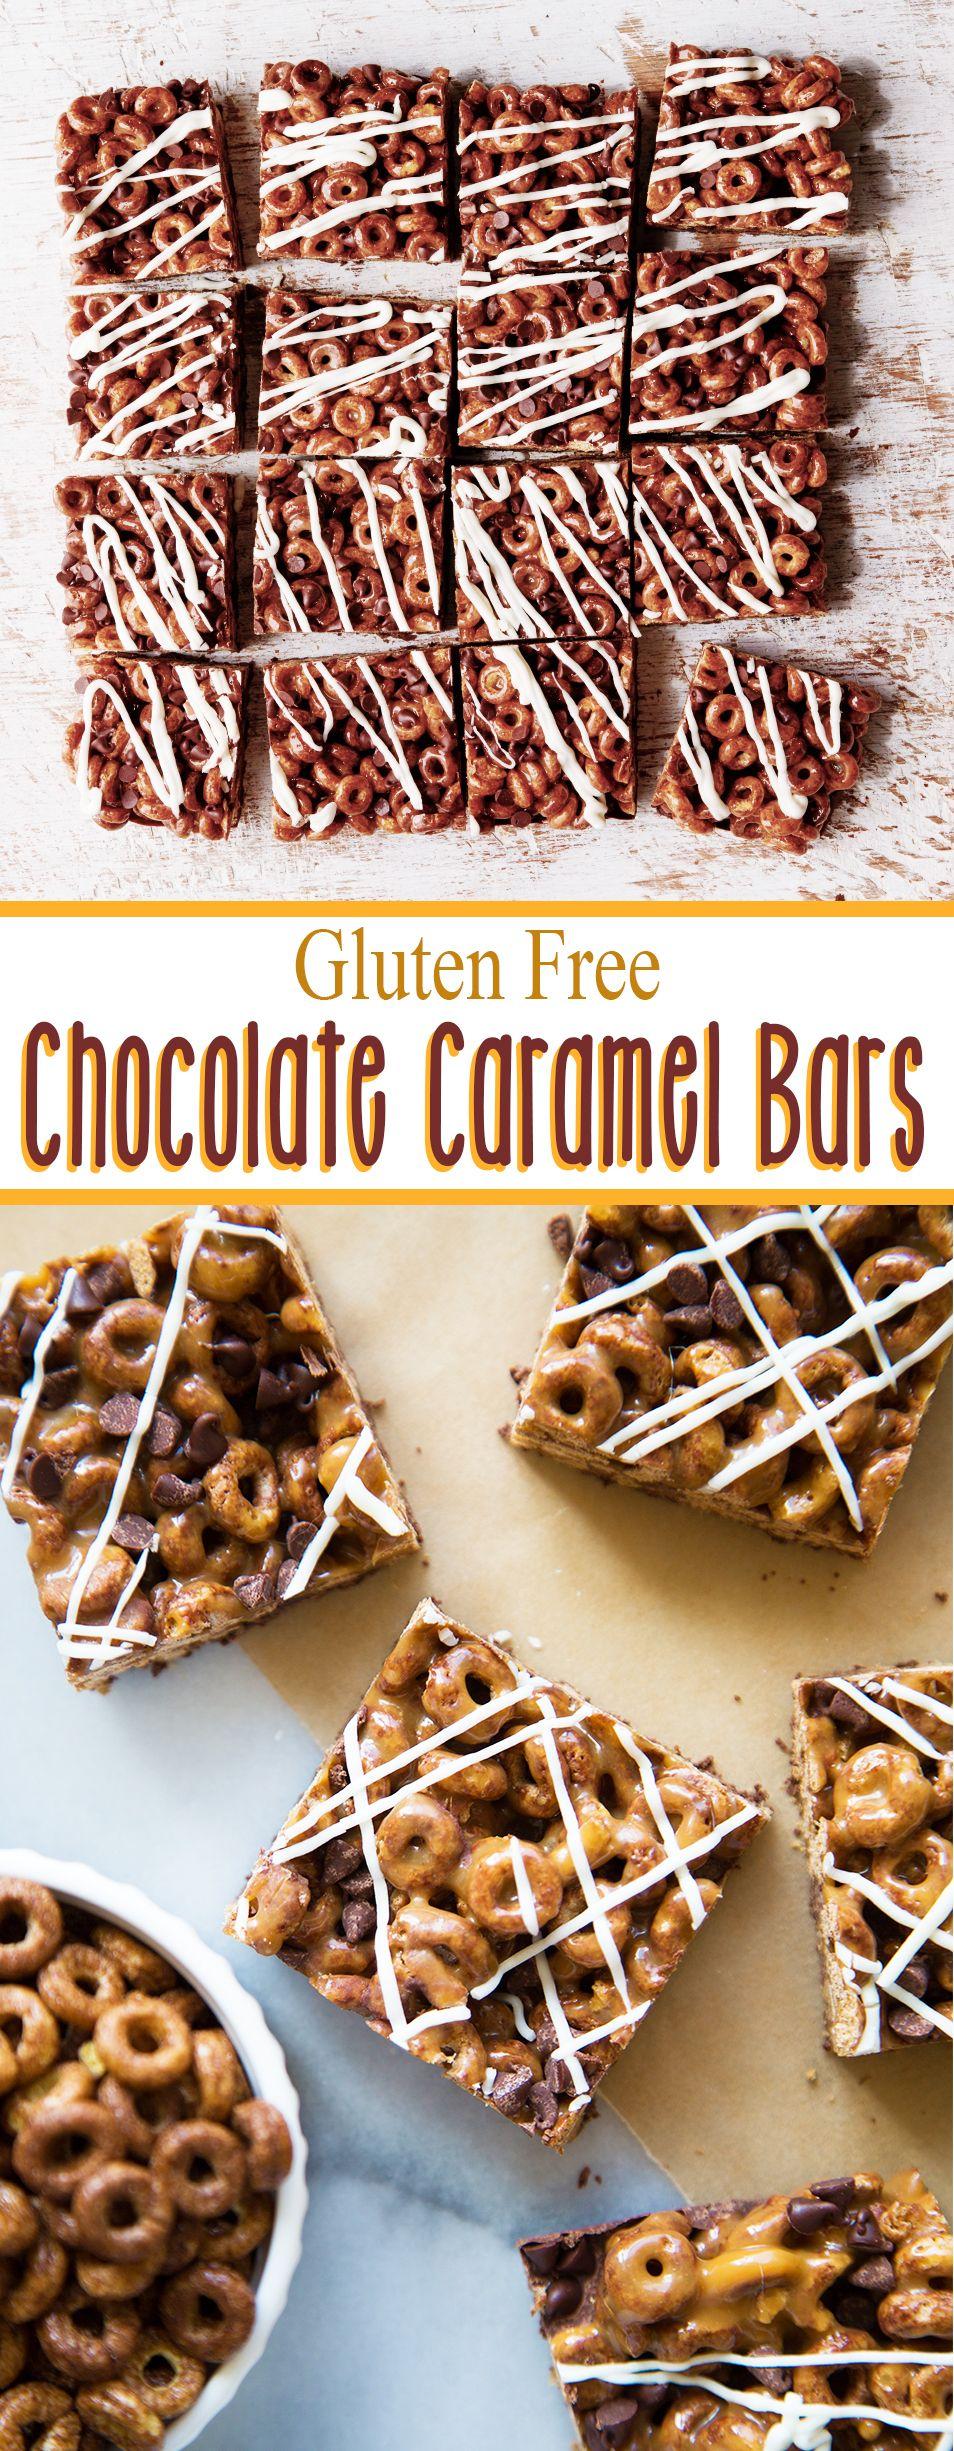 Made with Gluten Free Chocolate Cheerios, dark chocolate